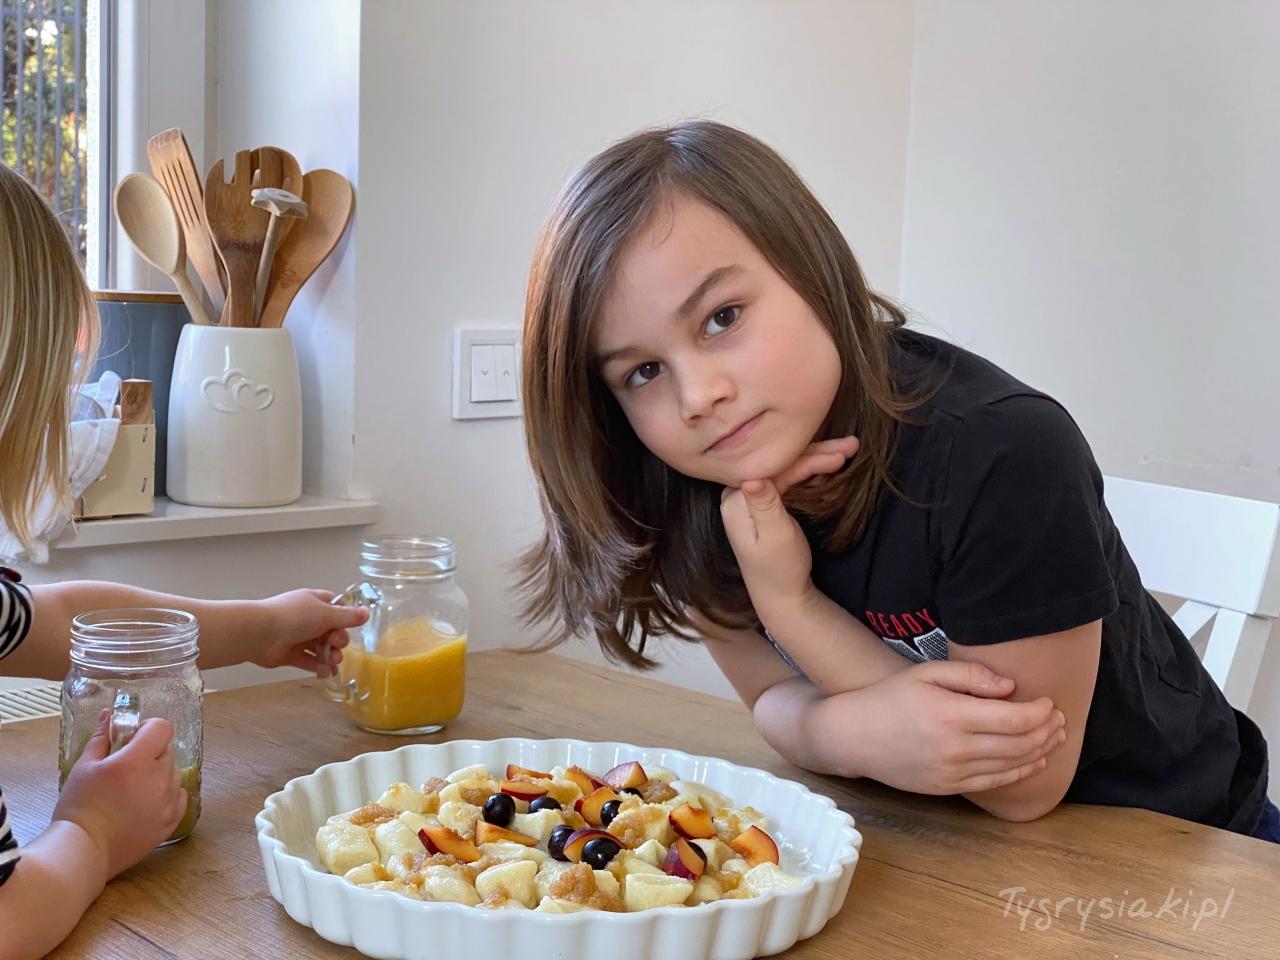 dumne zsiebie dziecko podaje obiad